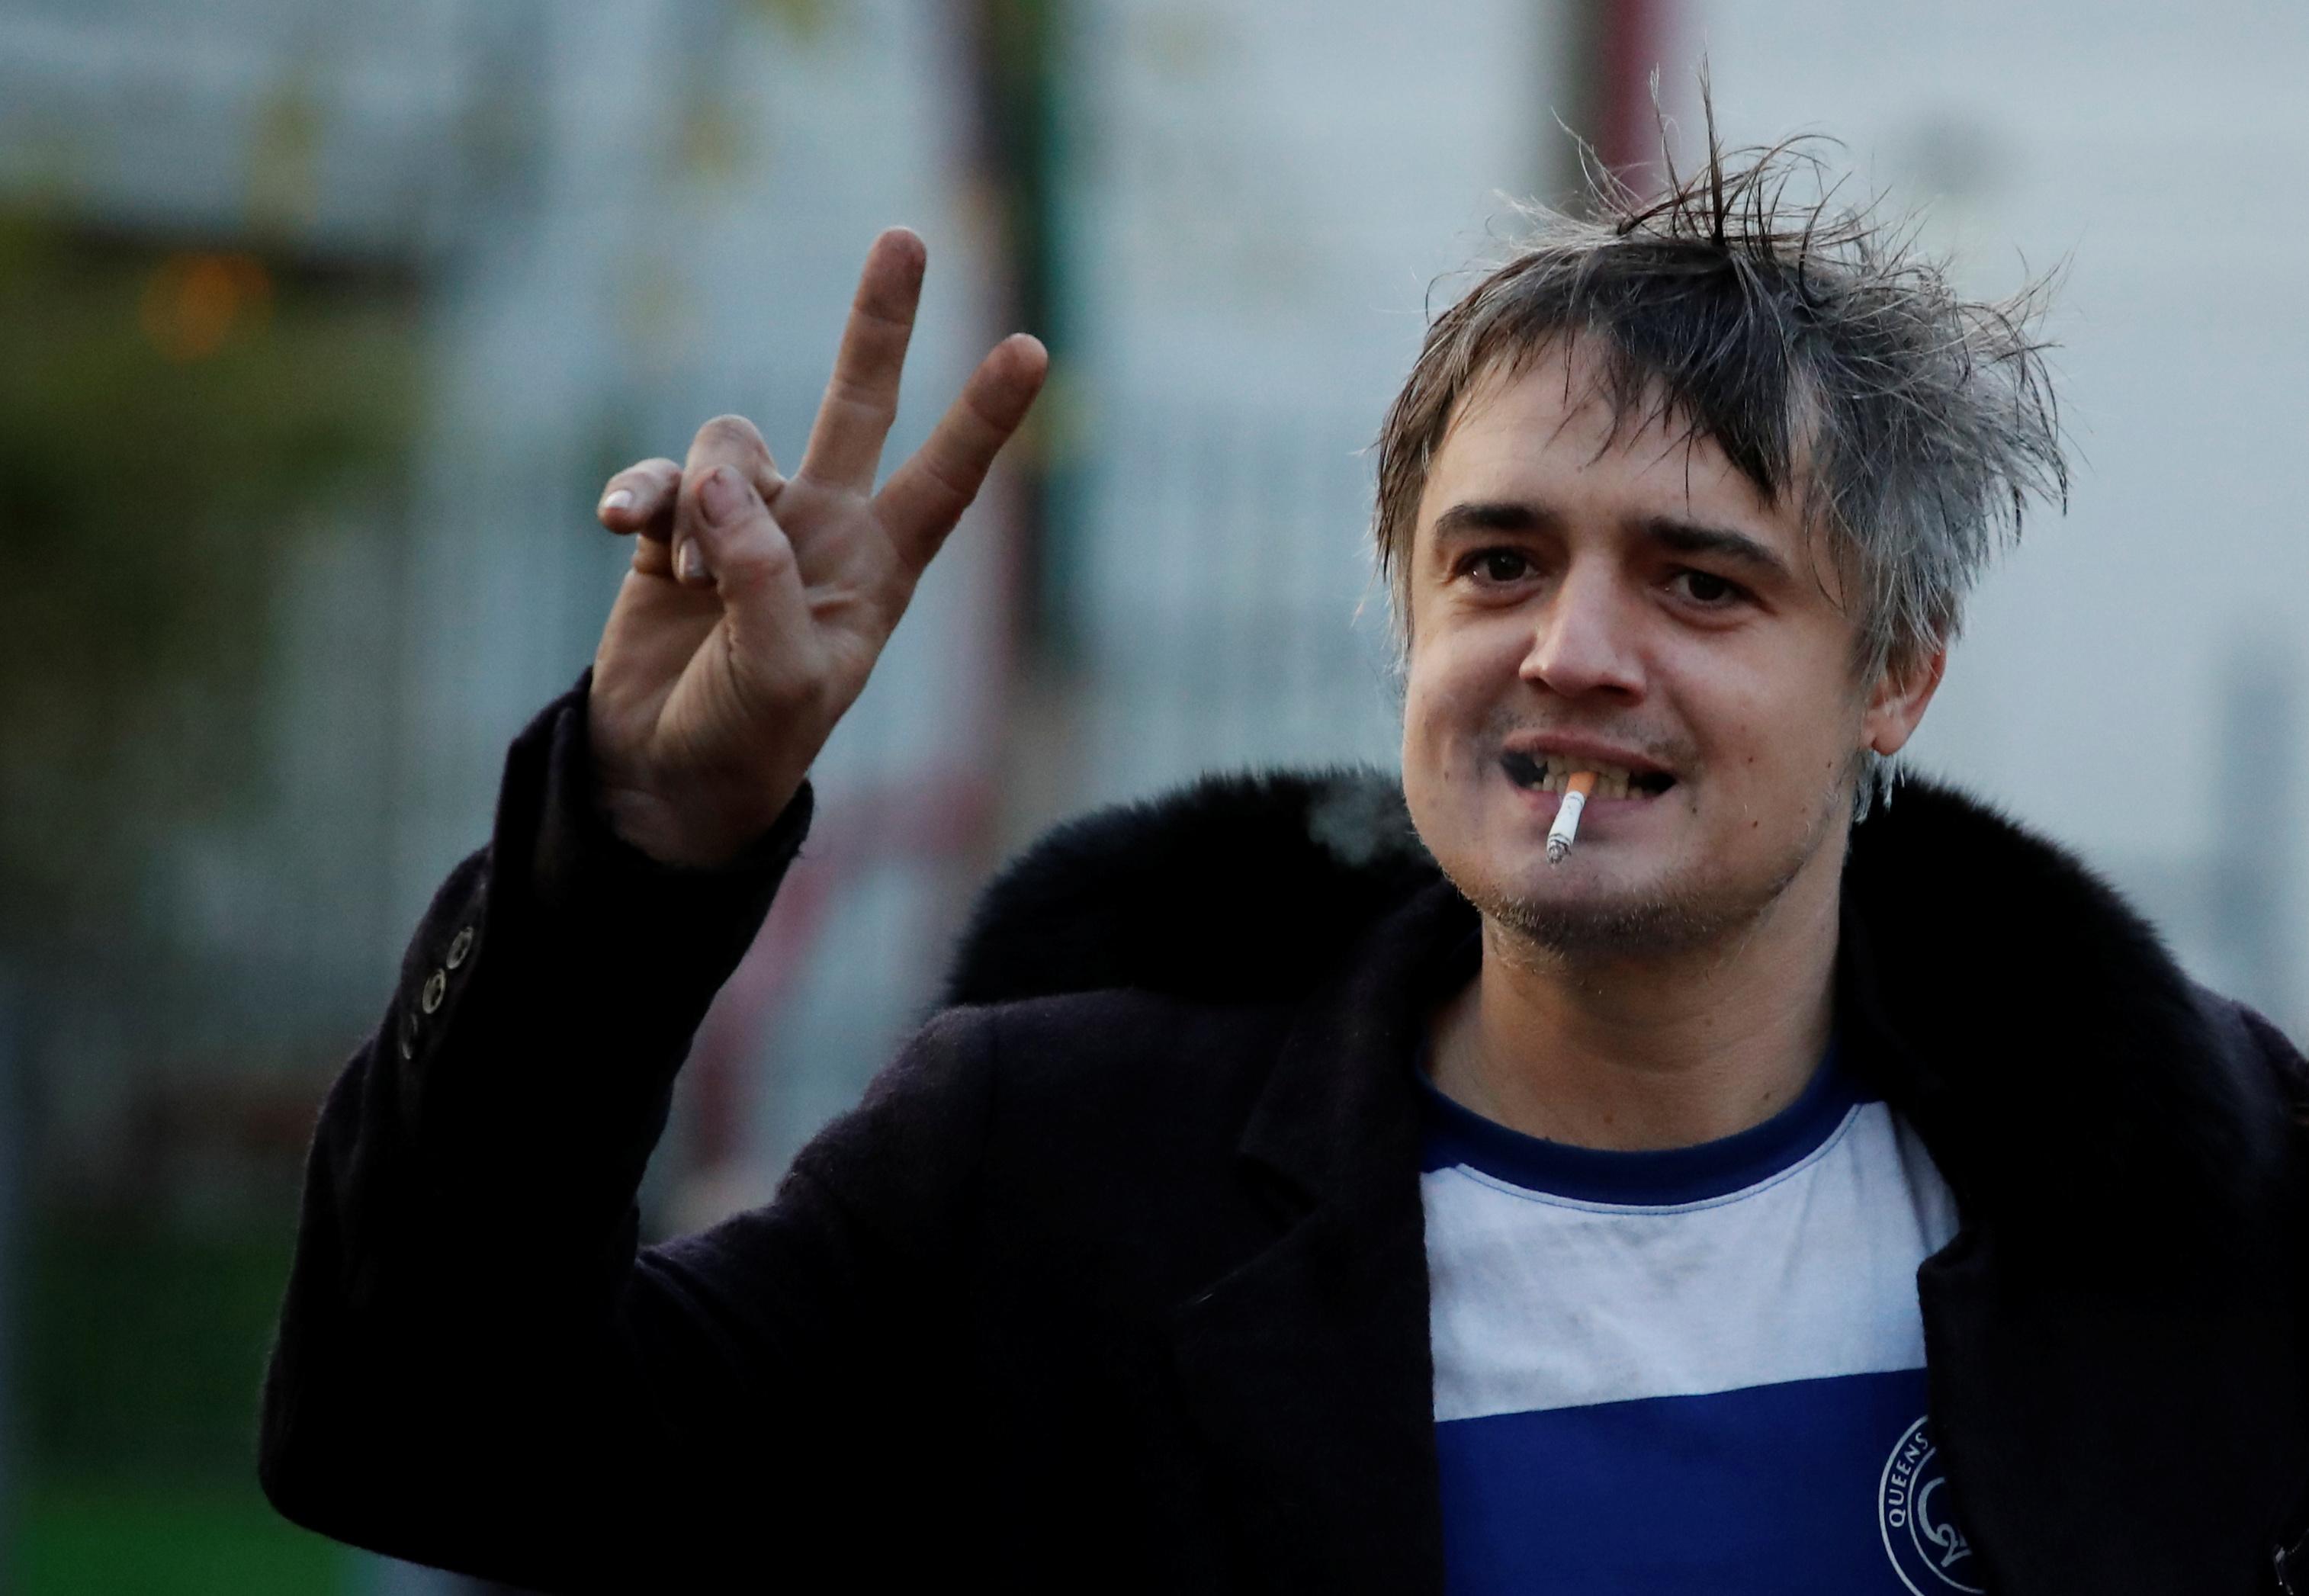 Le rocker britannique Pete Doherty, poursuivi pour une altercation sur la voie publique, a été condamné mardi à Paris à une peine de trois mois de prison avec sursis avec mise à l'épreuve et une amende de 5.000 euros, a-t-on appris de source judiciaire. /Photo prise le 12 novembre 2019/REUTERS/Benoit Tessier